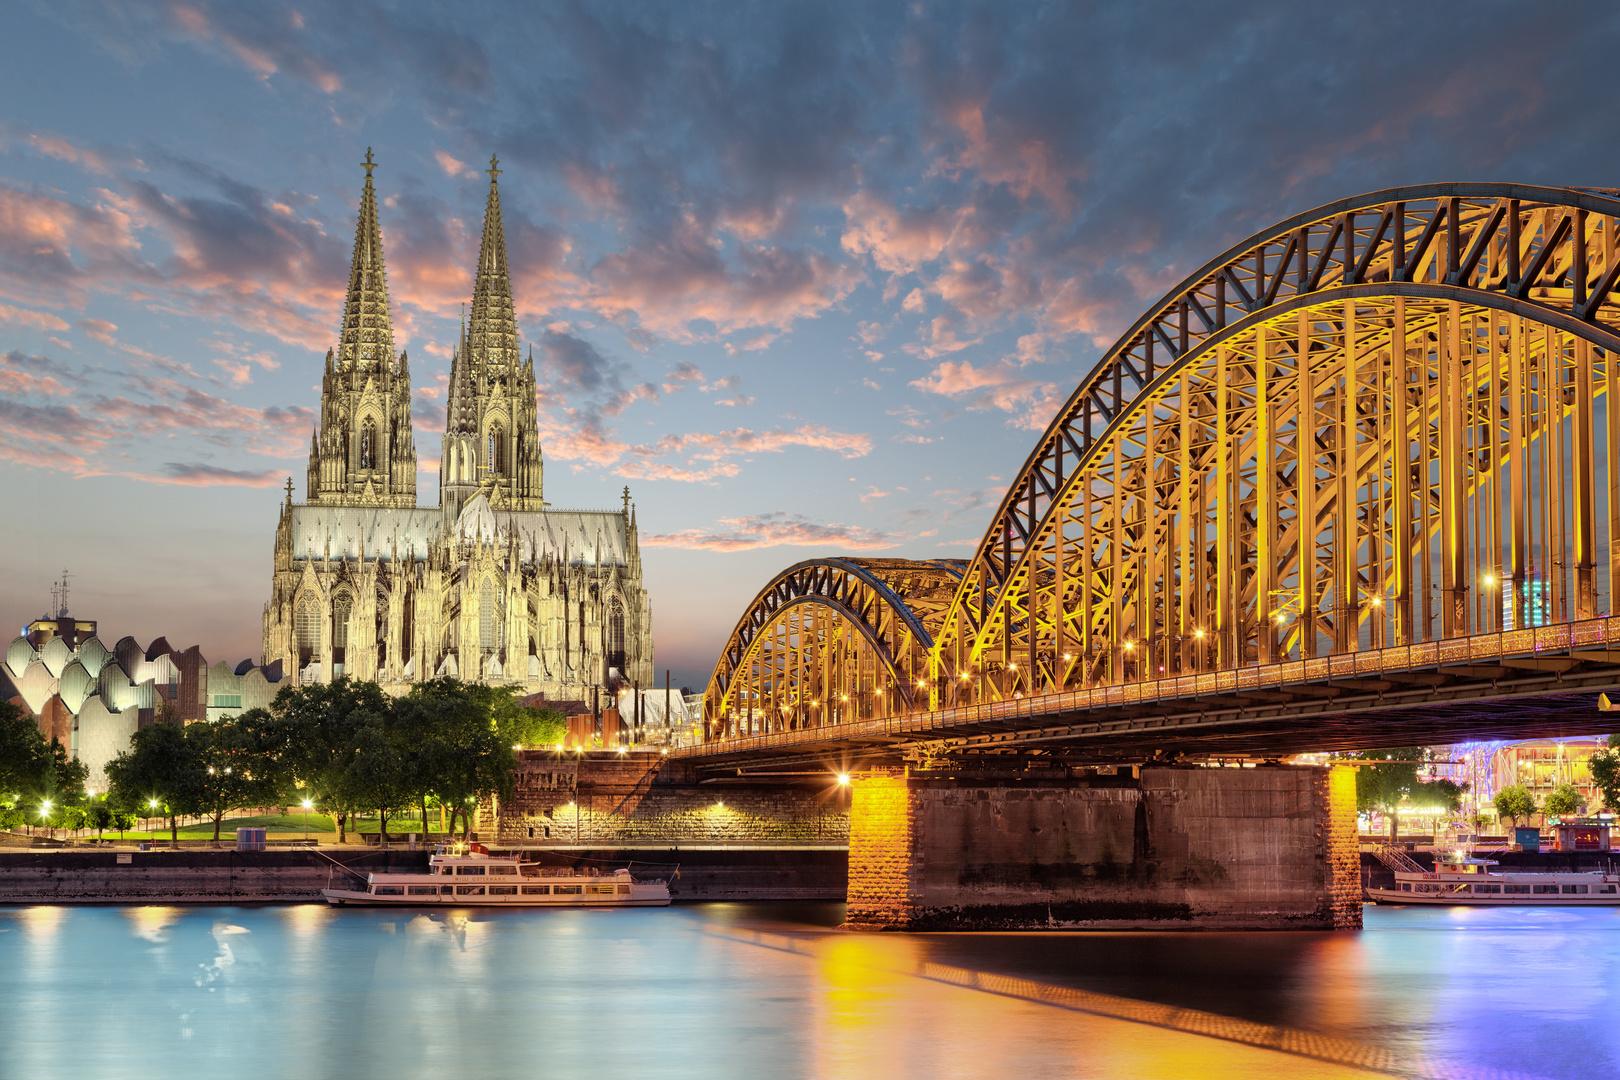 Kolín nad Rýnem - nástěnná malba Kolínská katedrála, Německo, západ slunce, most přes řeku Rýn, město v noci